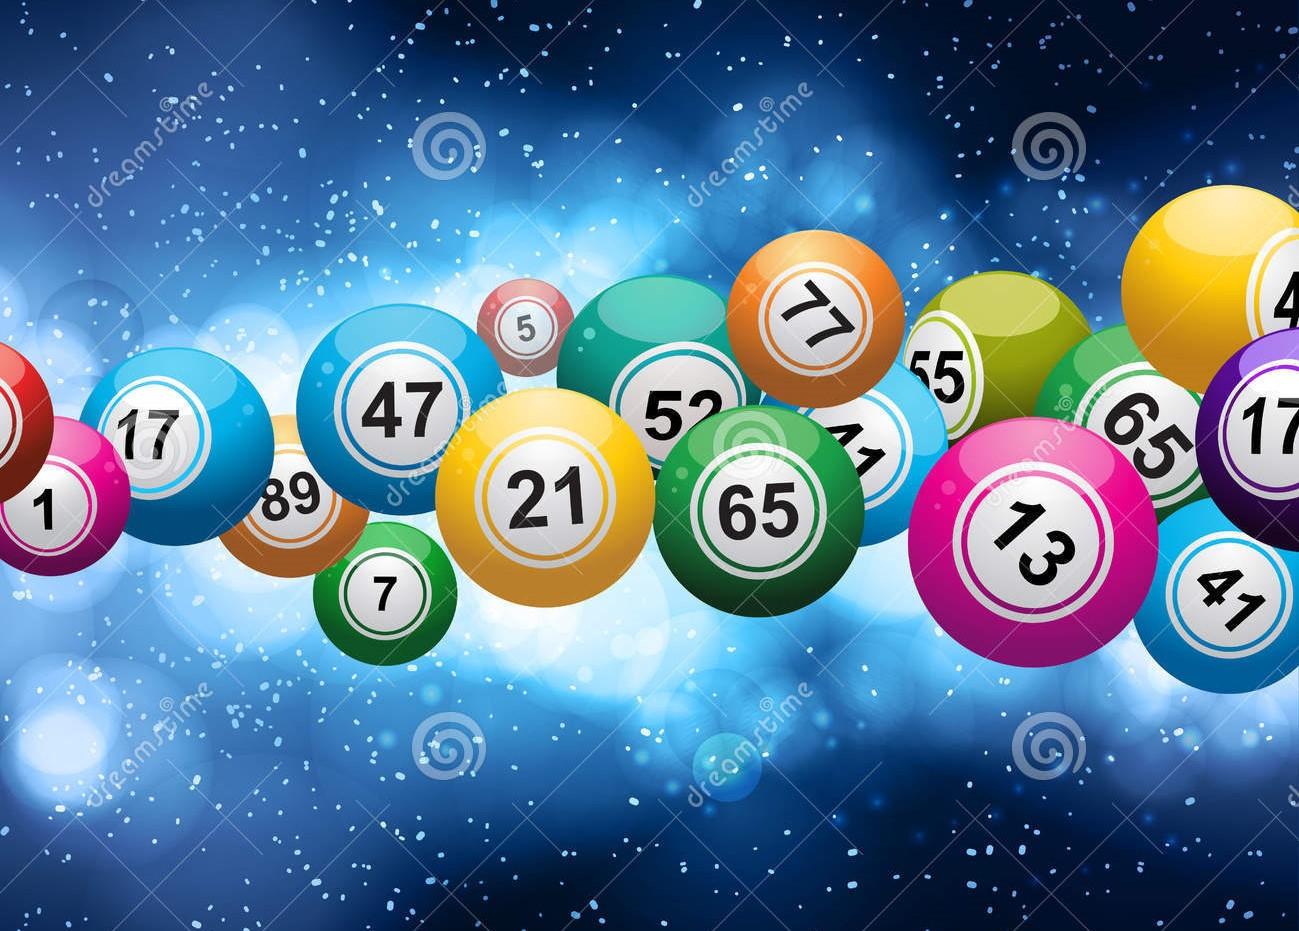 De Bal Van Bingo Die Op Een Gloeiende Blauwe Achtergrond Gebarsten 29868439